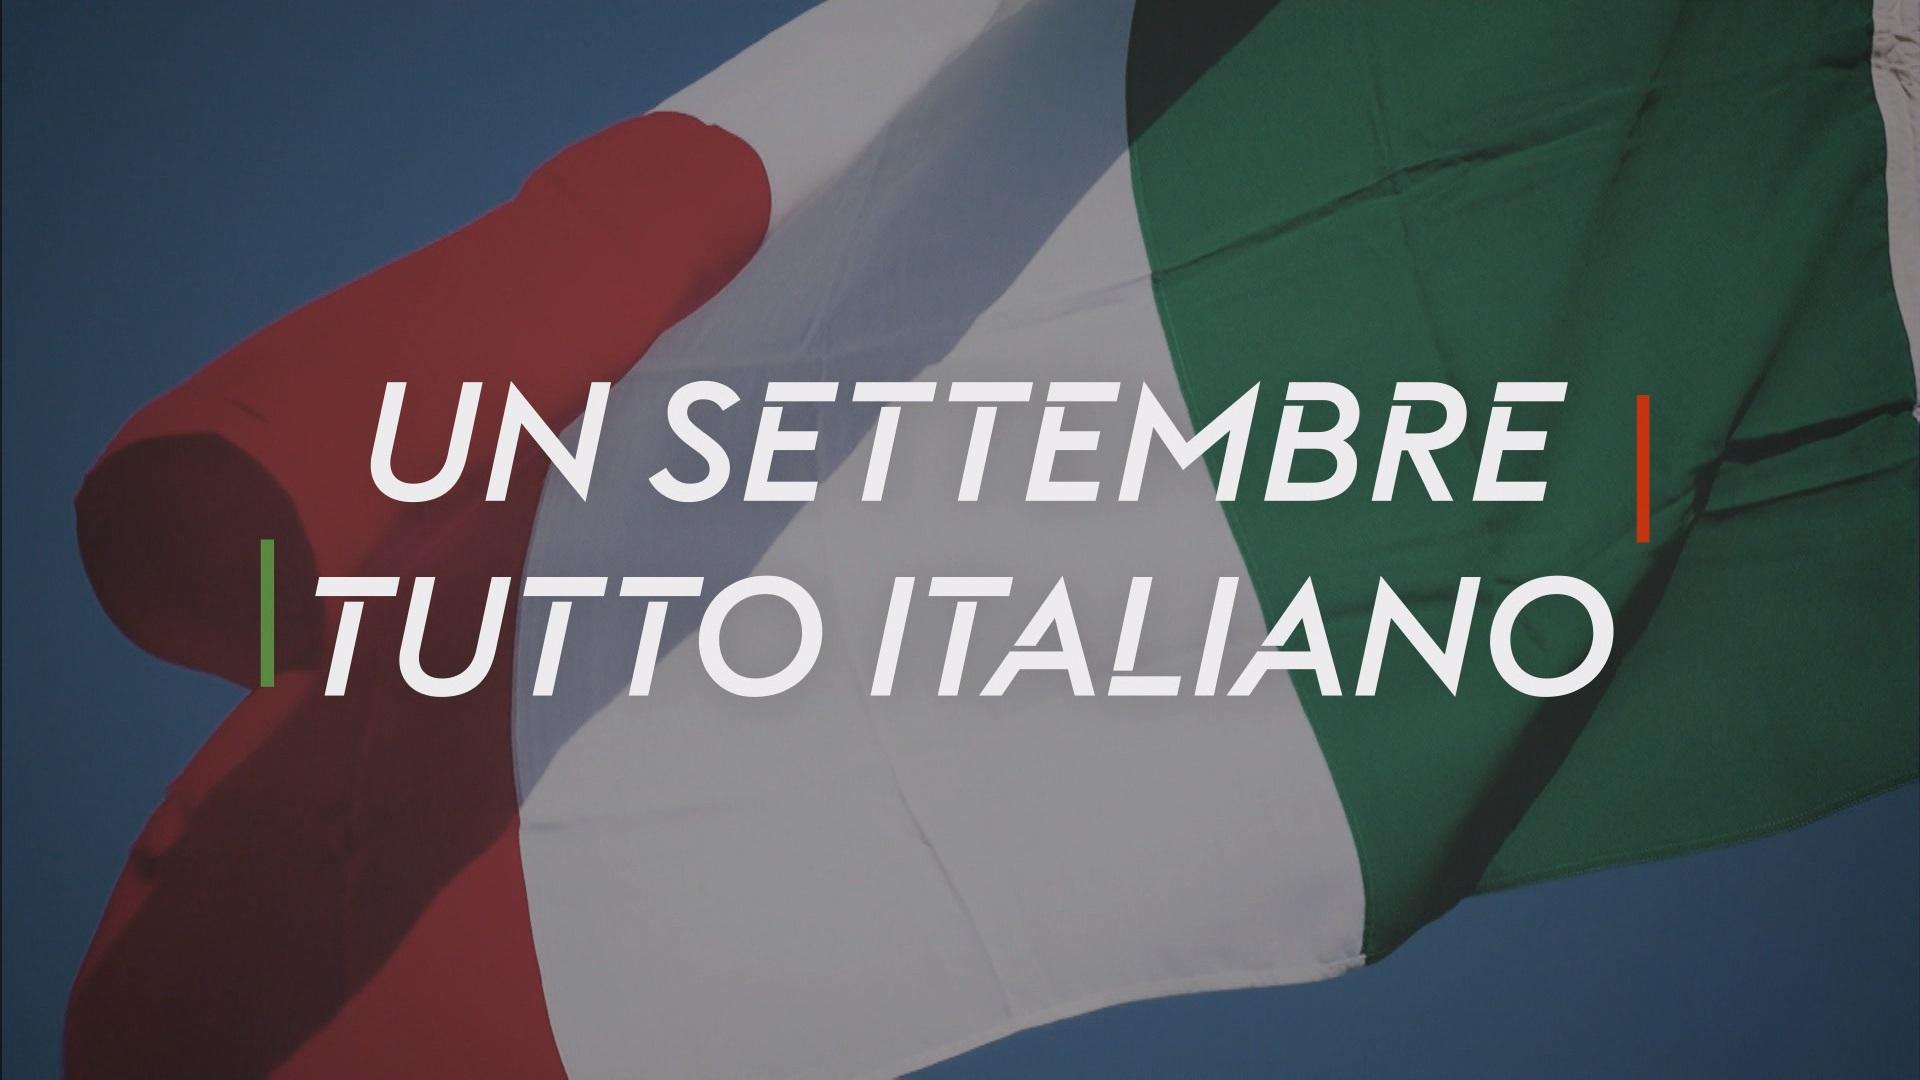 Ascolti in crescita per Sky e Tv8 nella domenica italiana dei motori